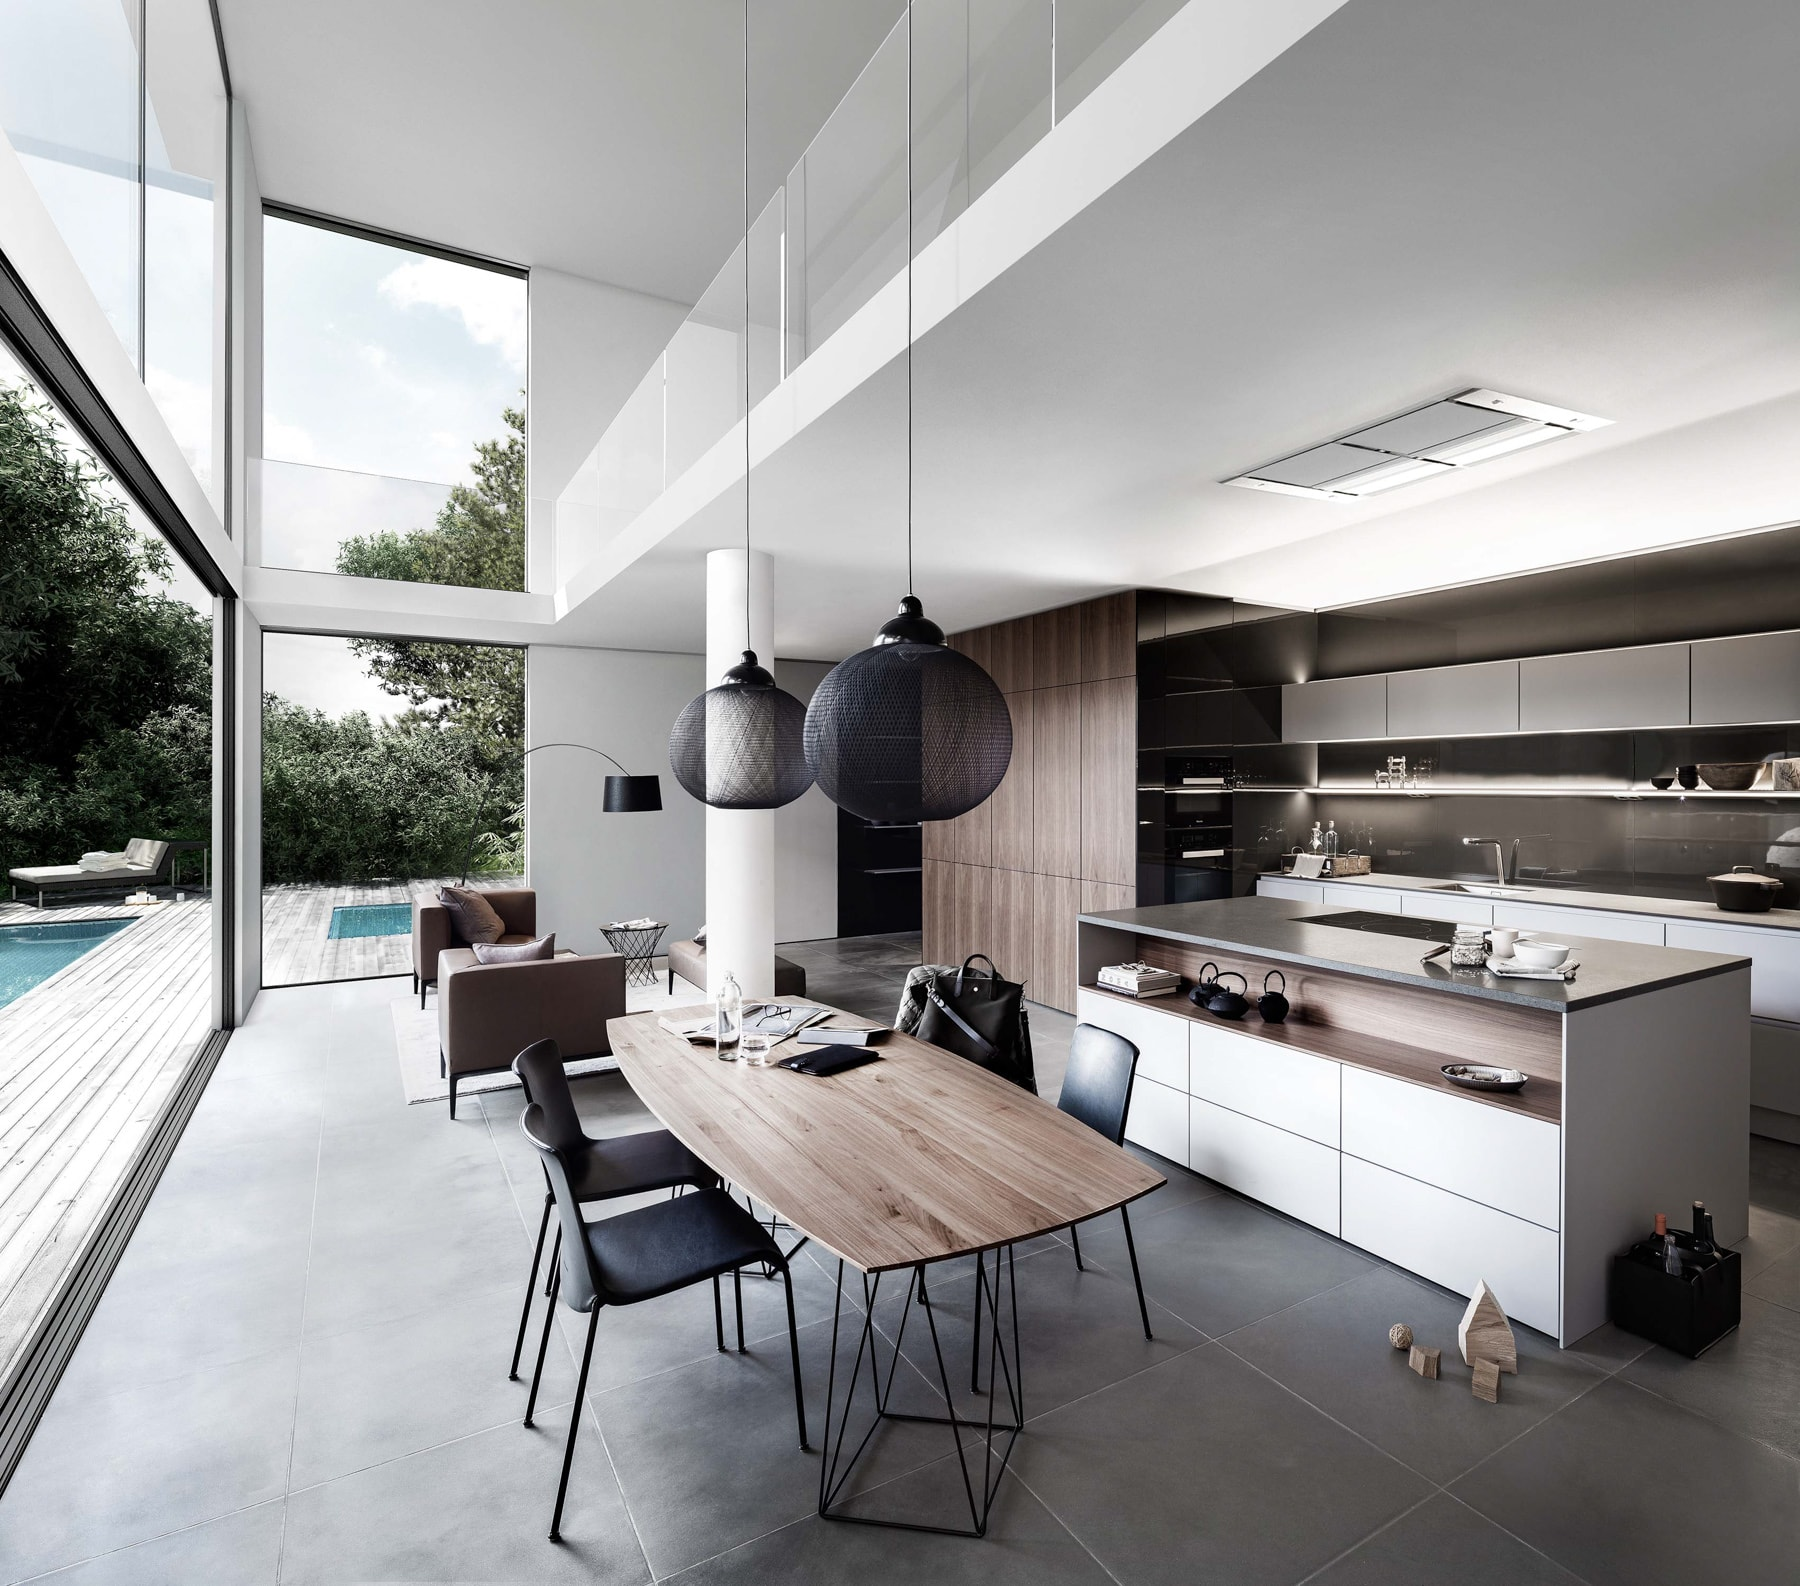 thiết kế nhà bếp không gian mở